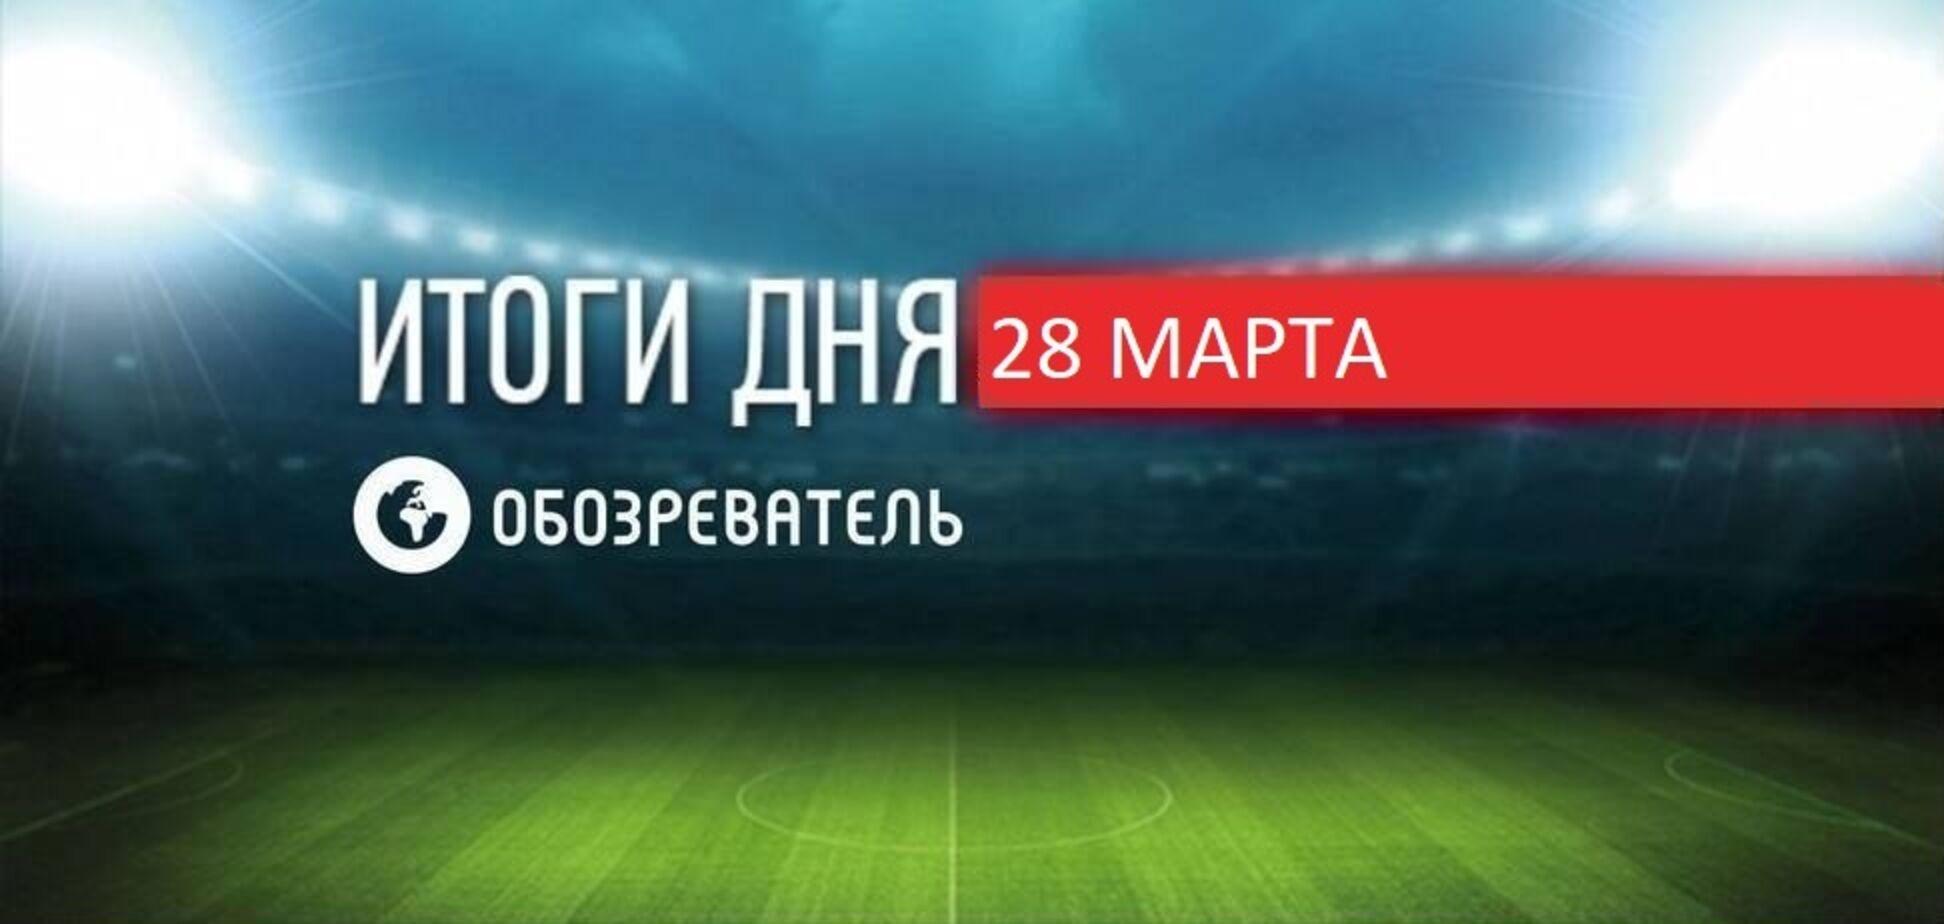 Новости спорта 28 марта: Украина не смогла обыграть Финляндию в отборе ЧМ-2022